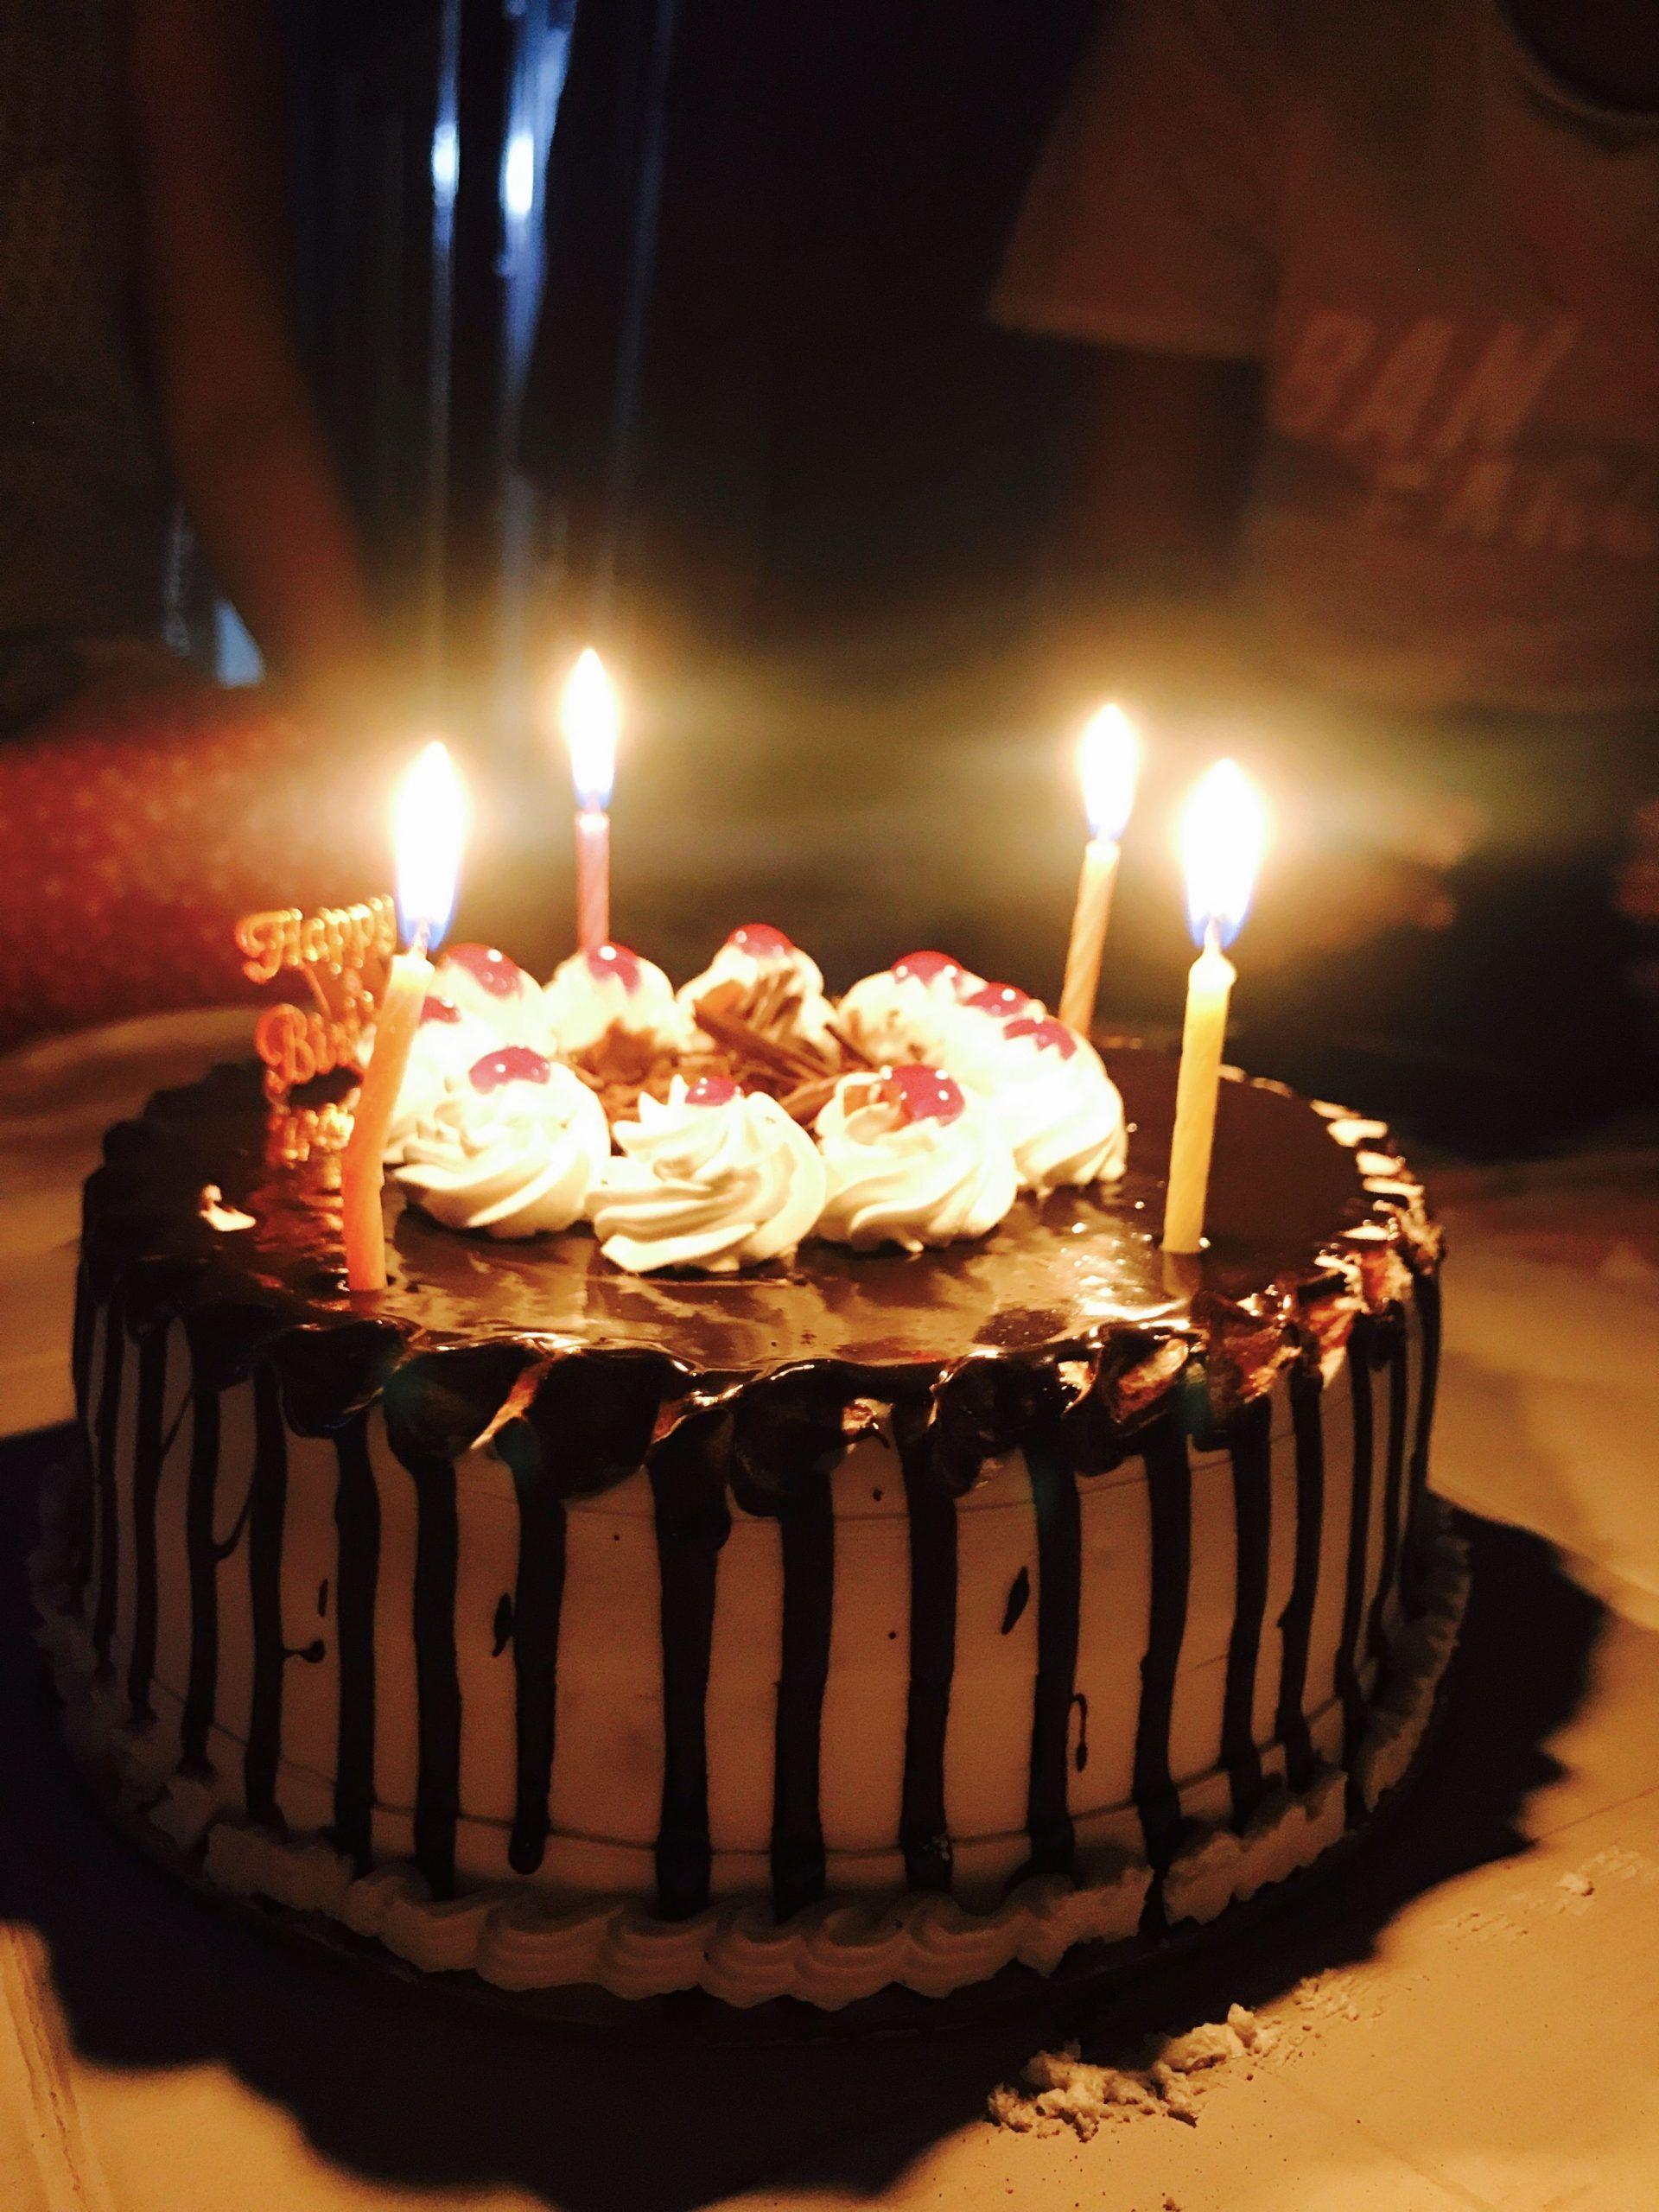 Birthday Cake Snapchat Happy Birthday Chocolate Cake Happy Birthday Cakes Birthday Cake Pictures